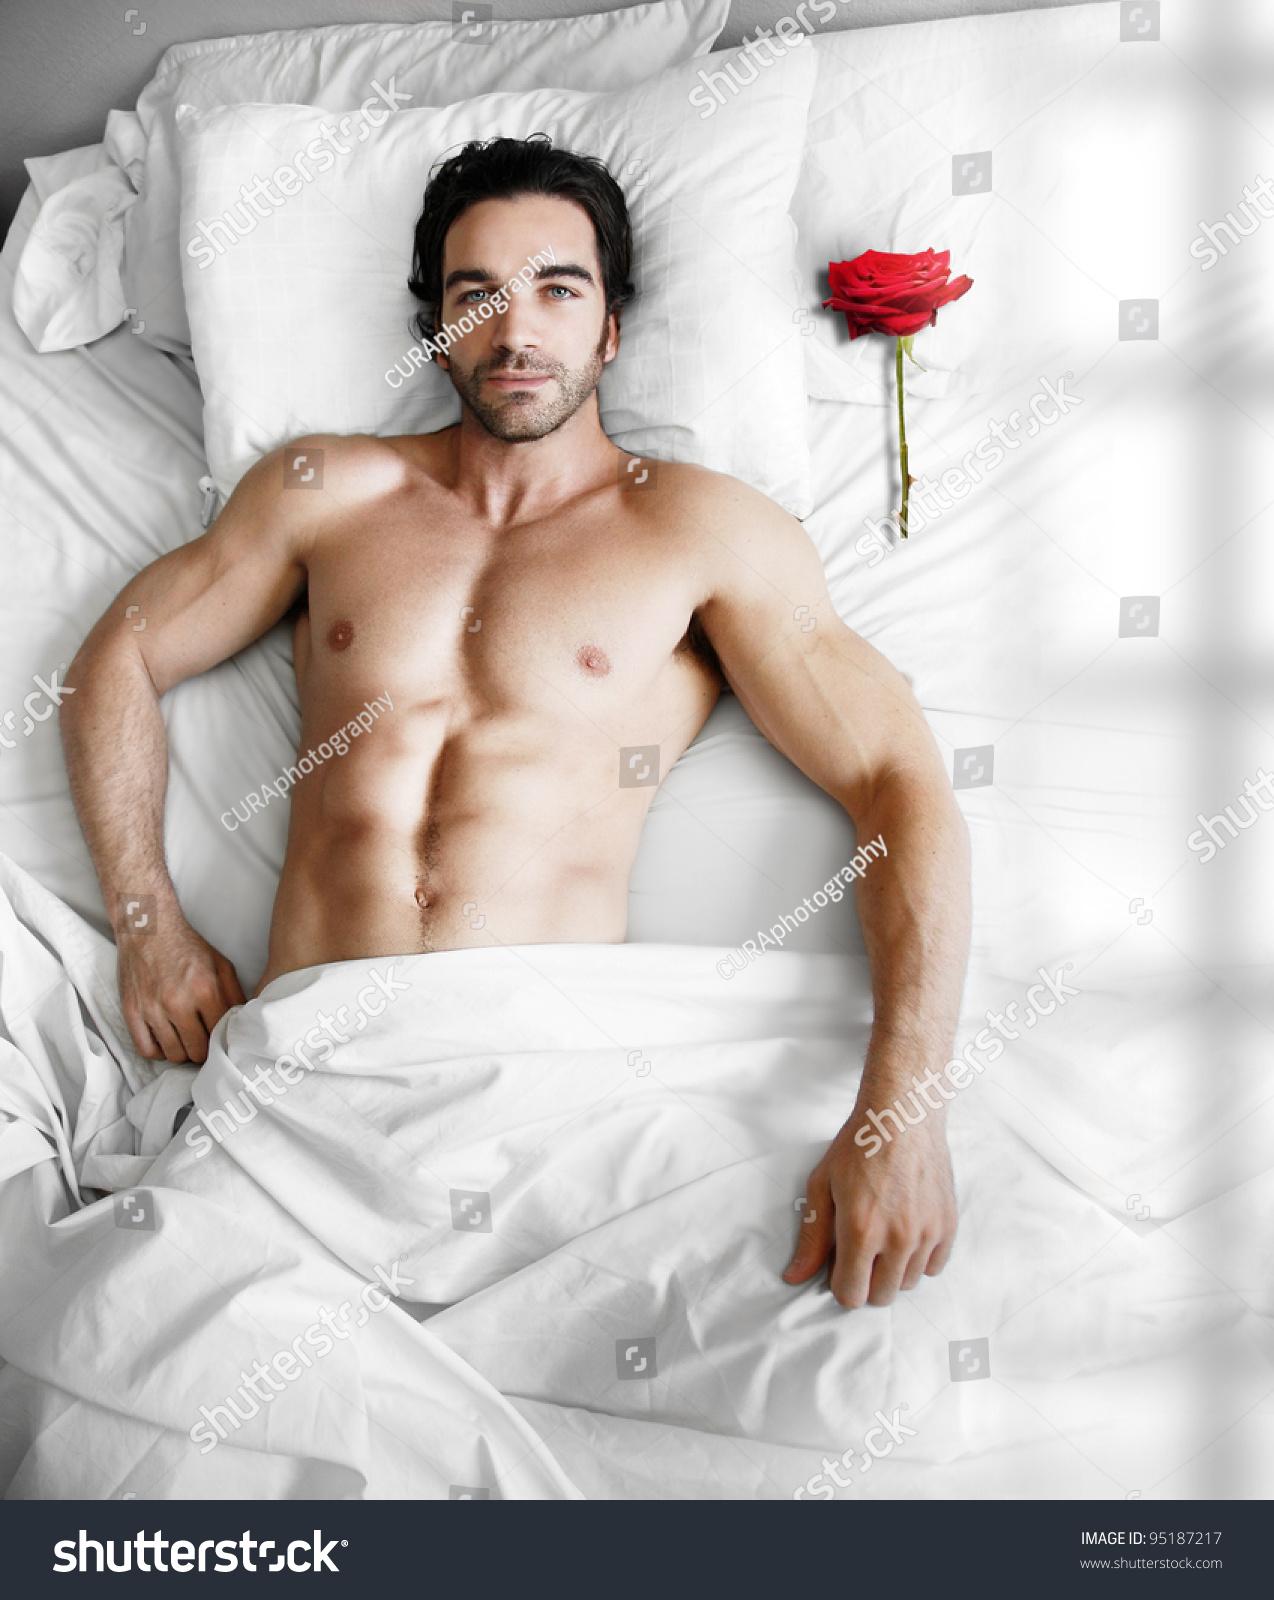 seksualnie-muzhchini-v-posteli